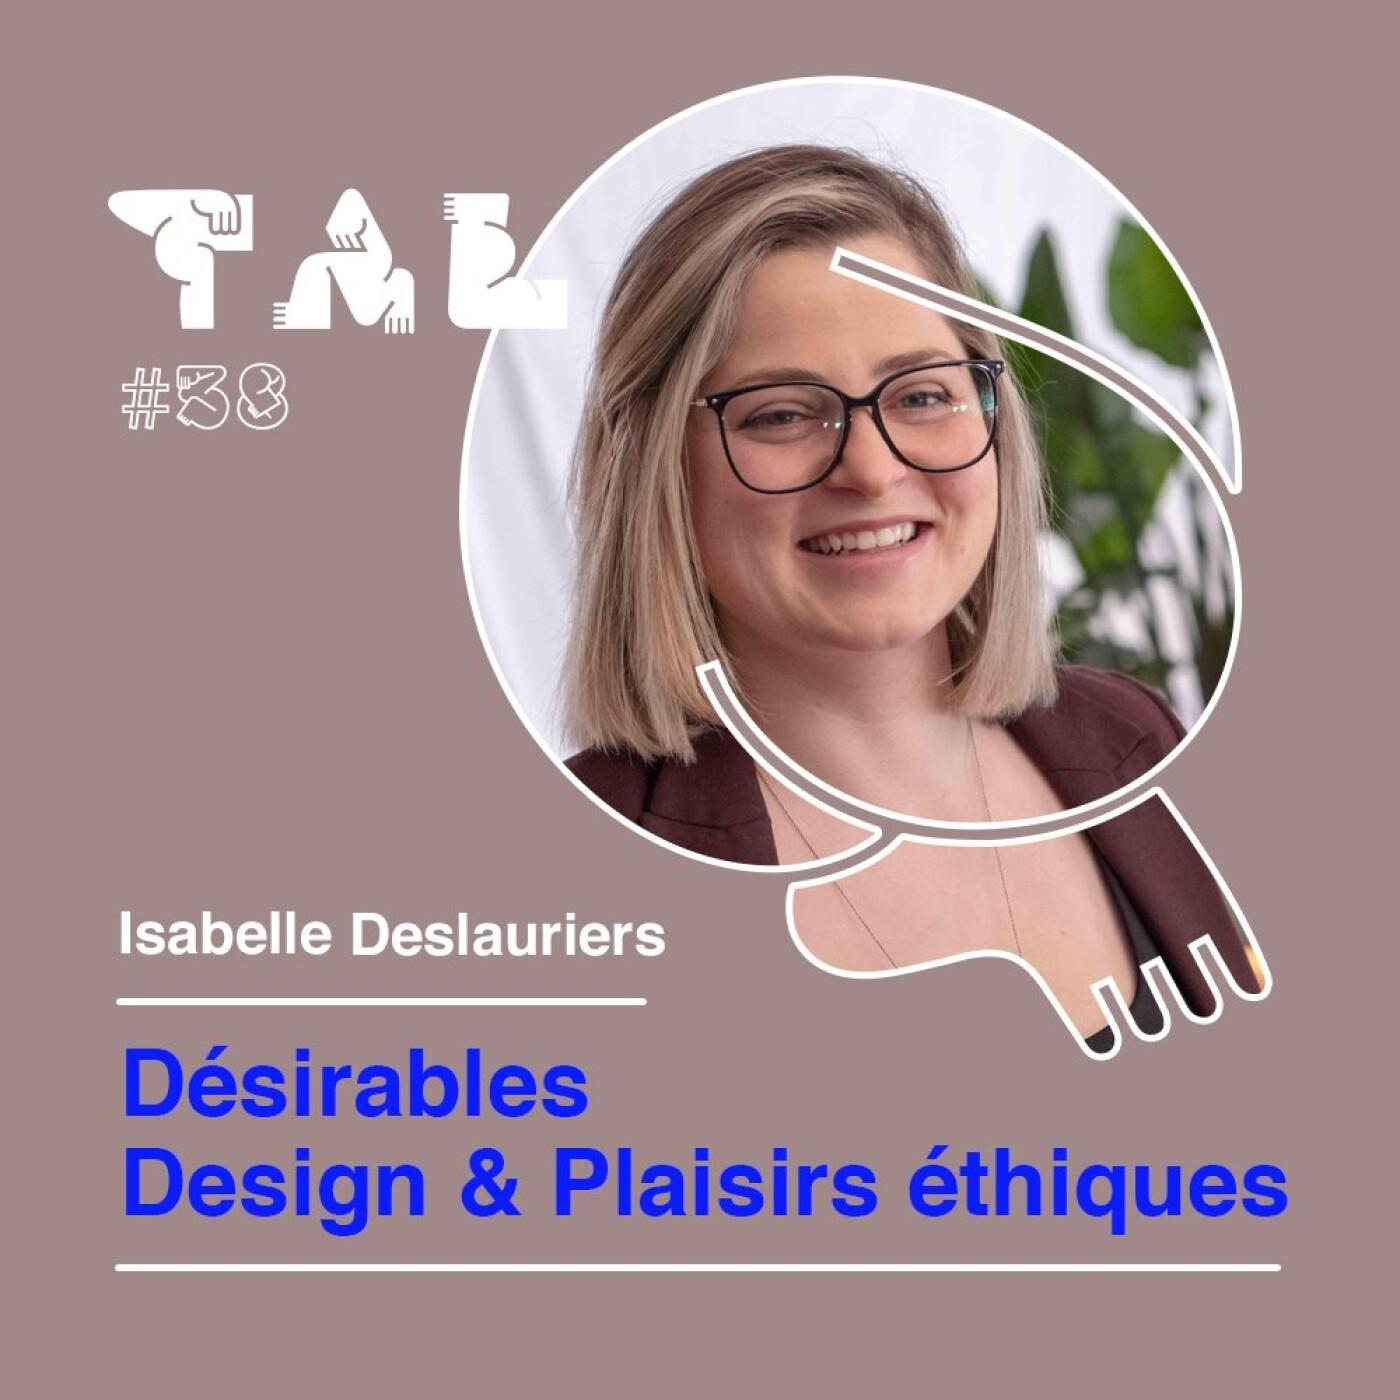 #38 - Isabelle Deslauriers - Désirables, Design & Plaisirs éthiques en porcelaine